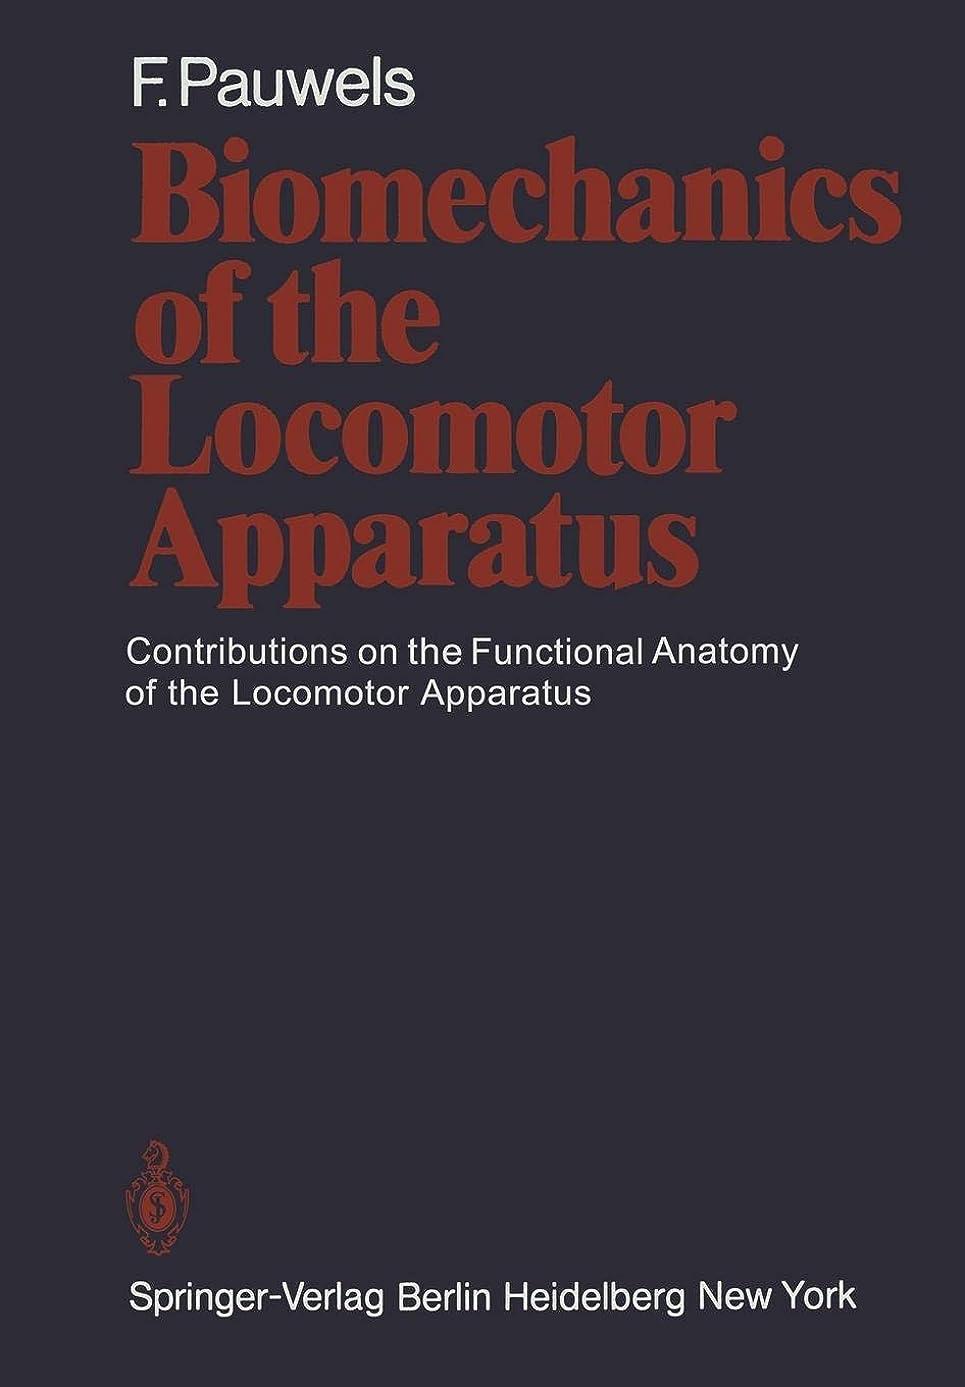 落ち着くホームレス急勾配のBiomechanics of the Locomotor Apparatus: Contributions on the Functional Anatomy of the Locomotor Apparatus